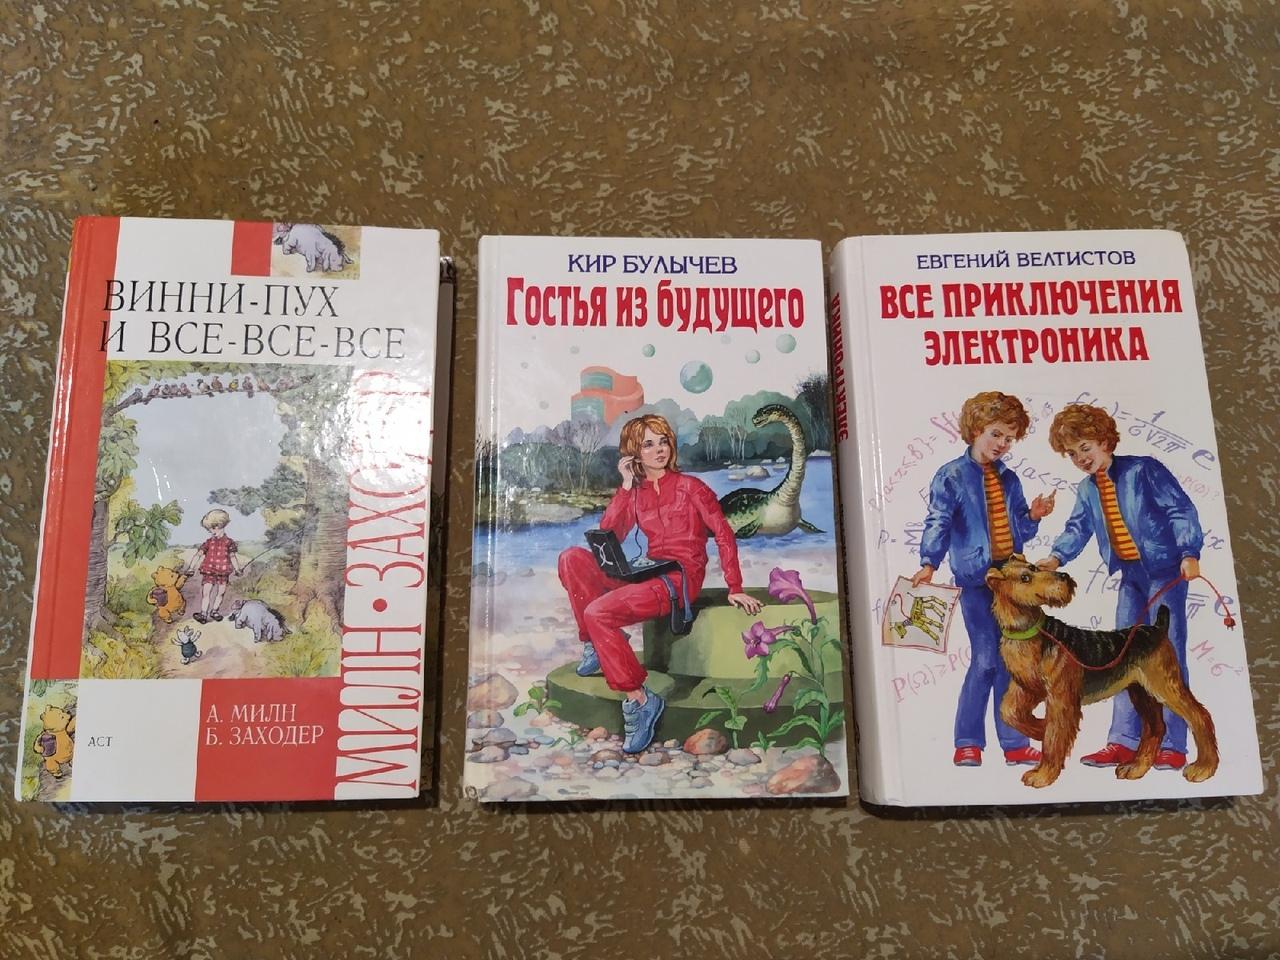 Продам детские книги в отличном и идеальном состояниях Винни